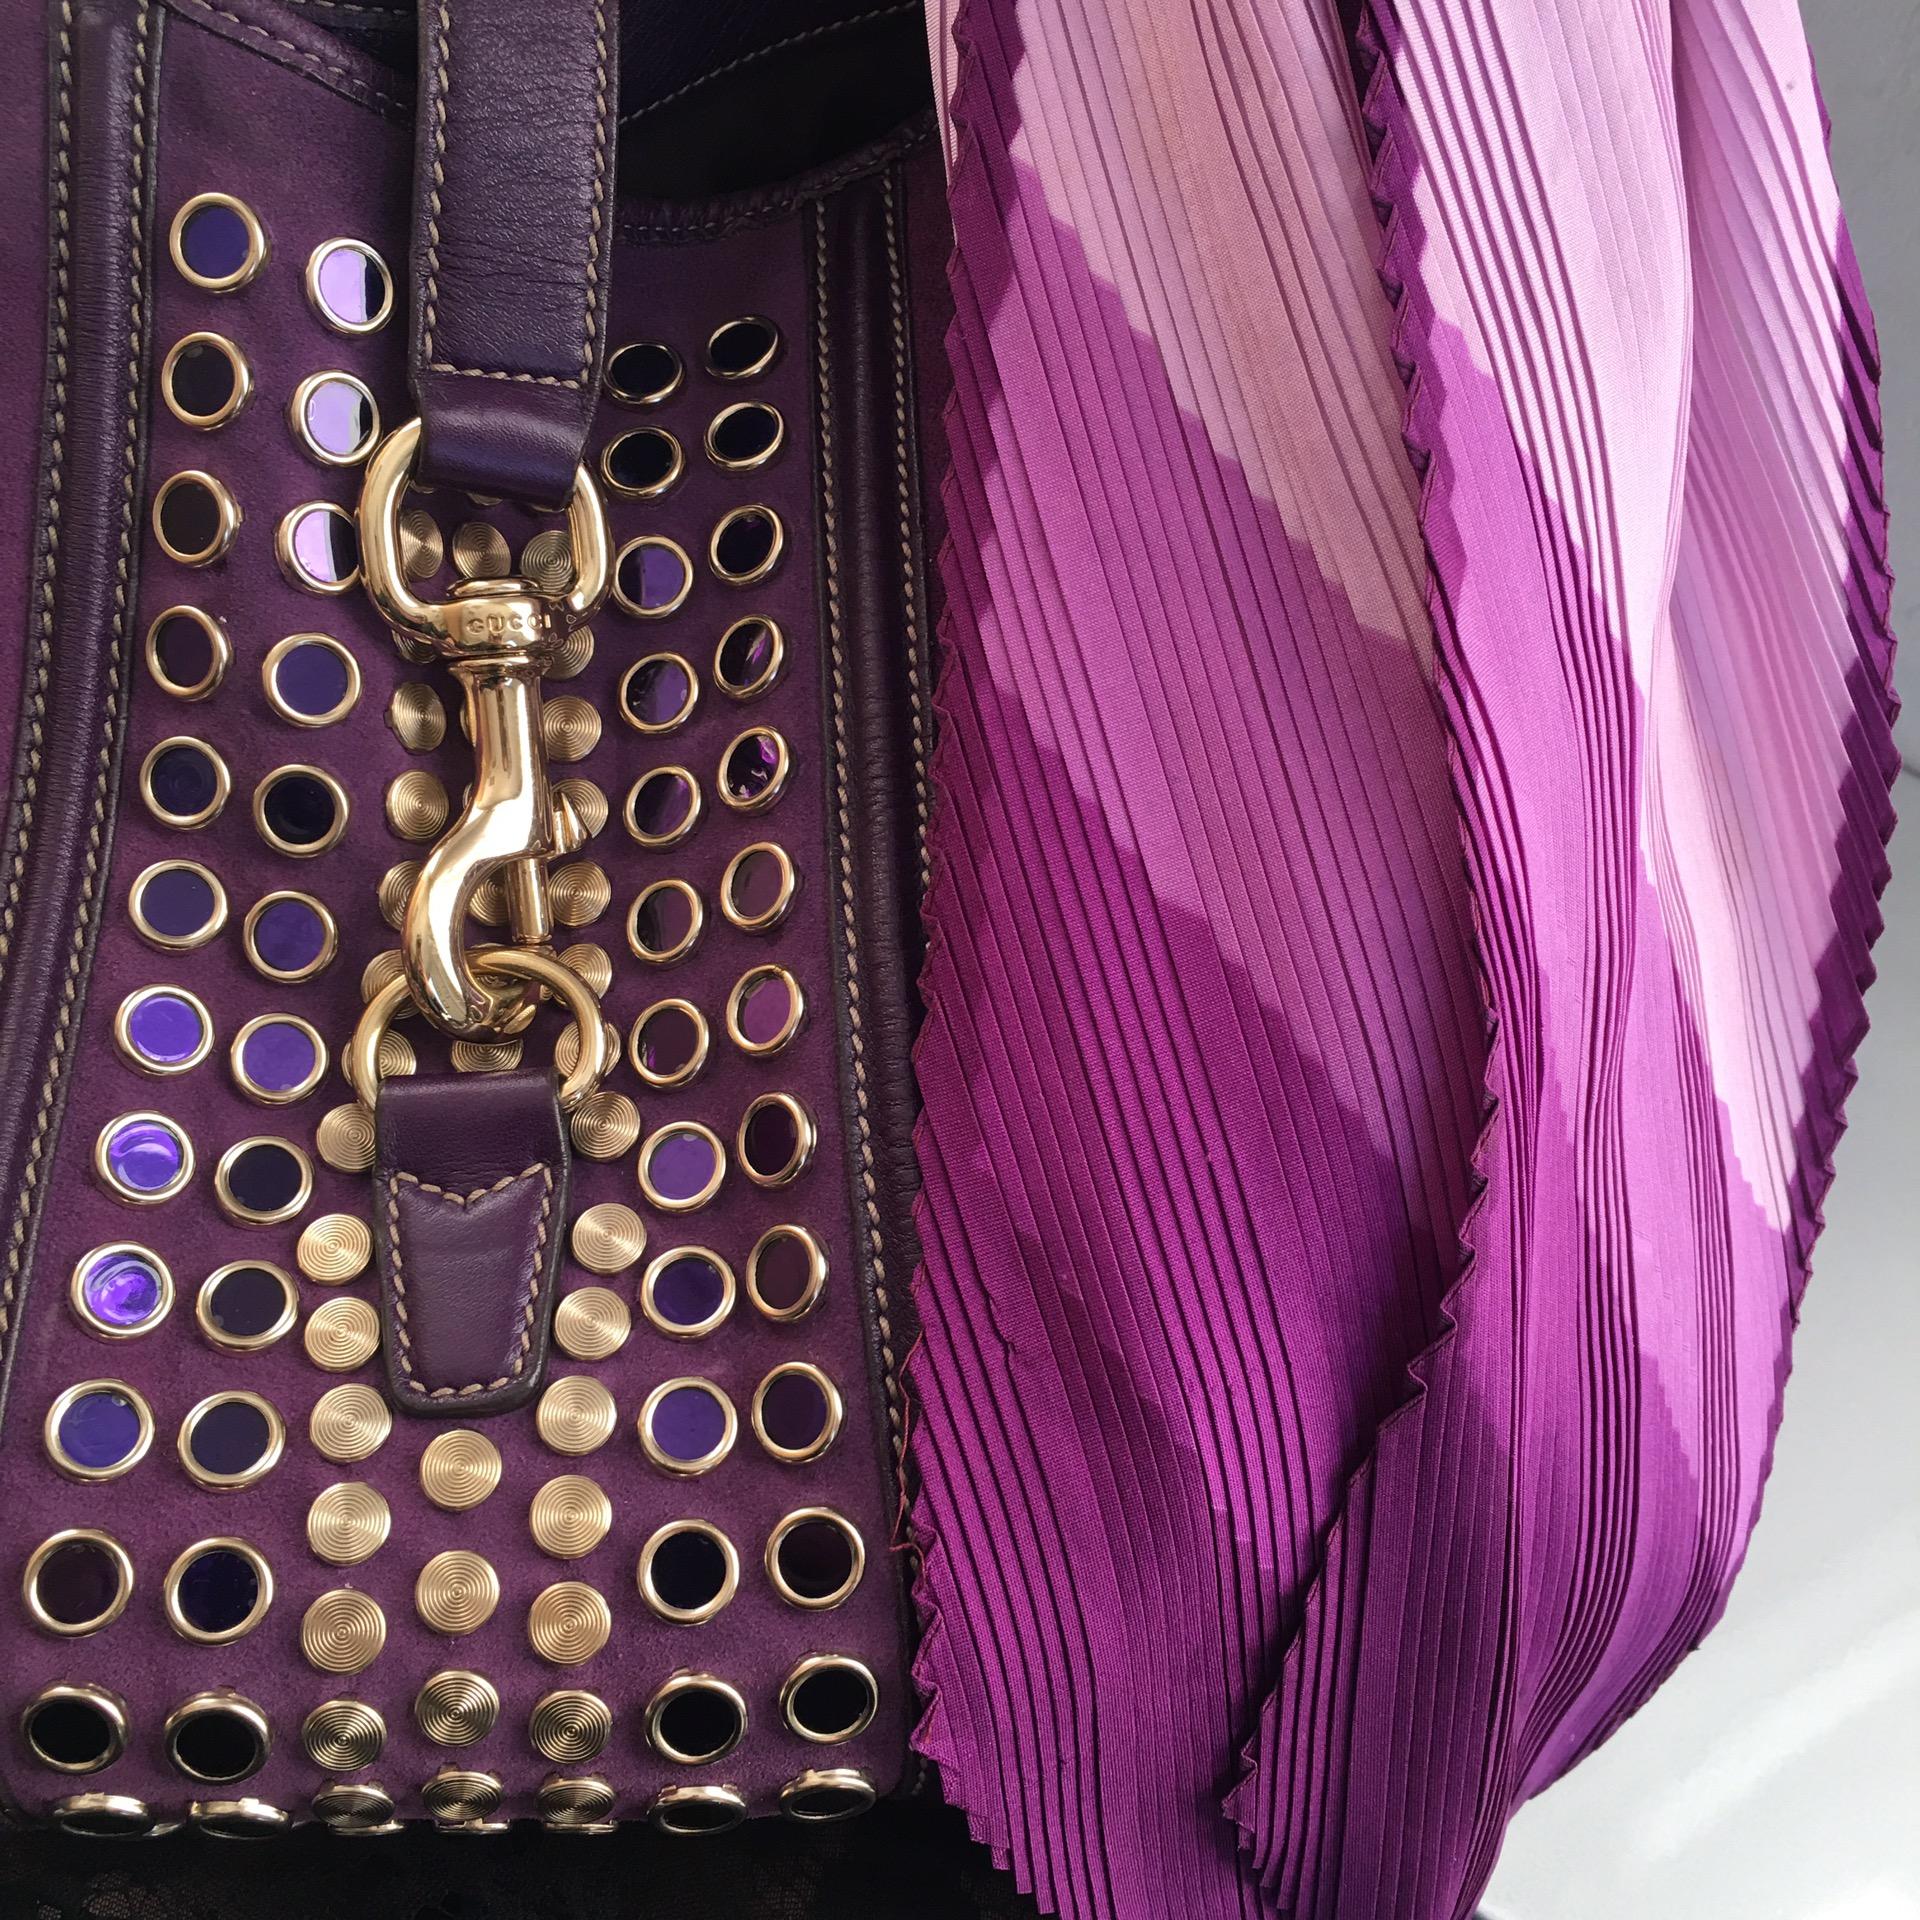 La mia borsa di Gucci: amore a prima vista